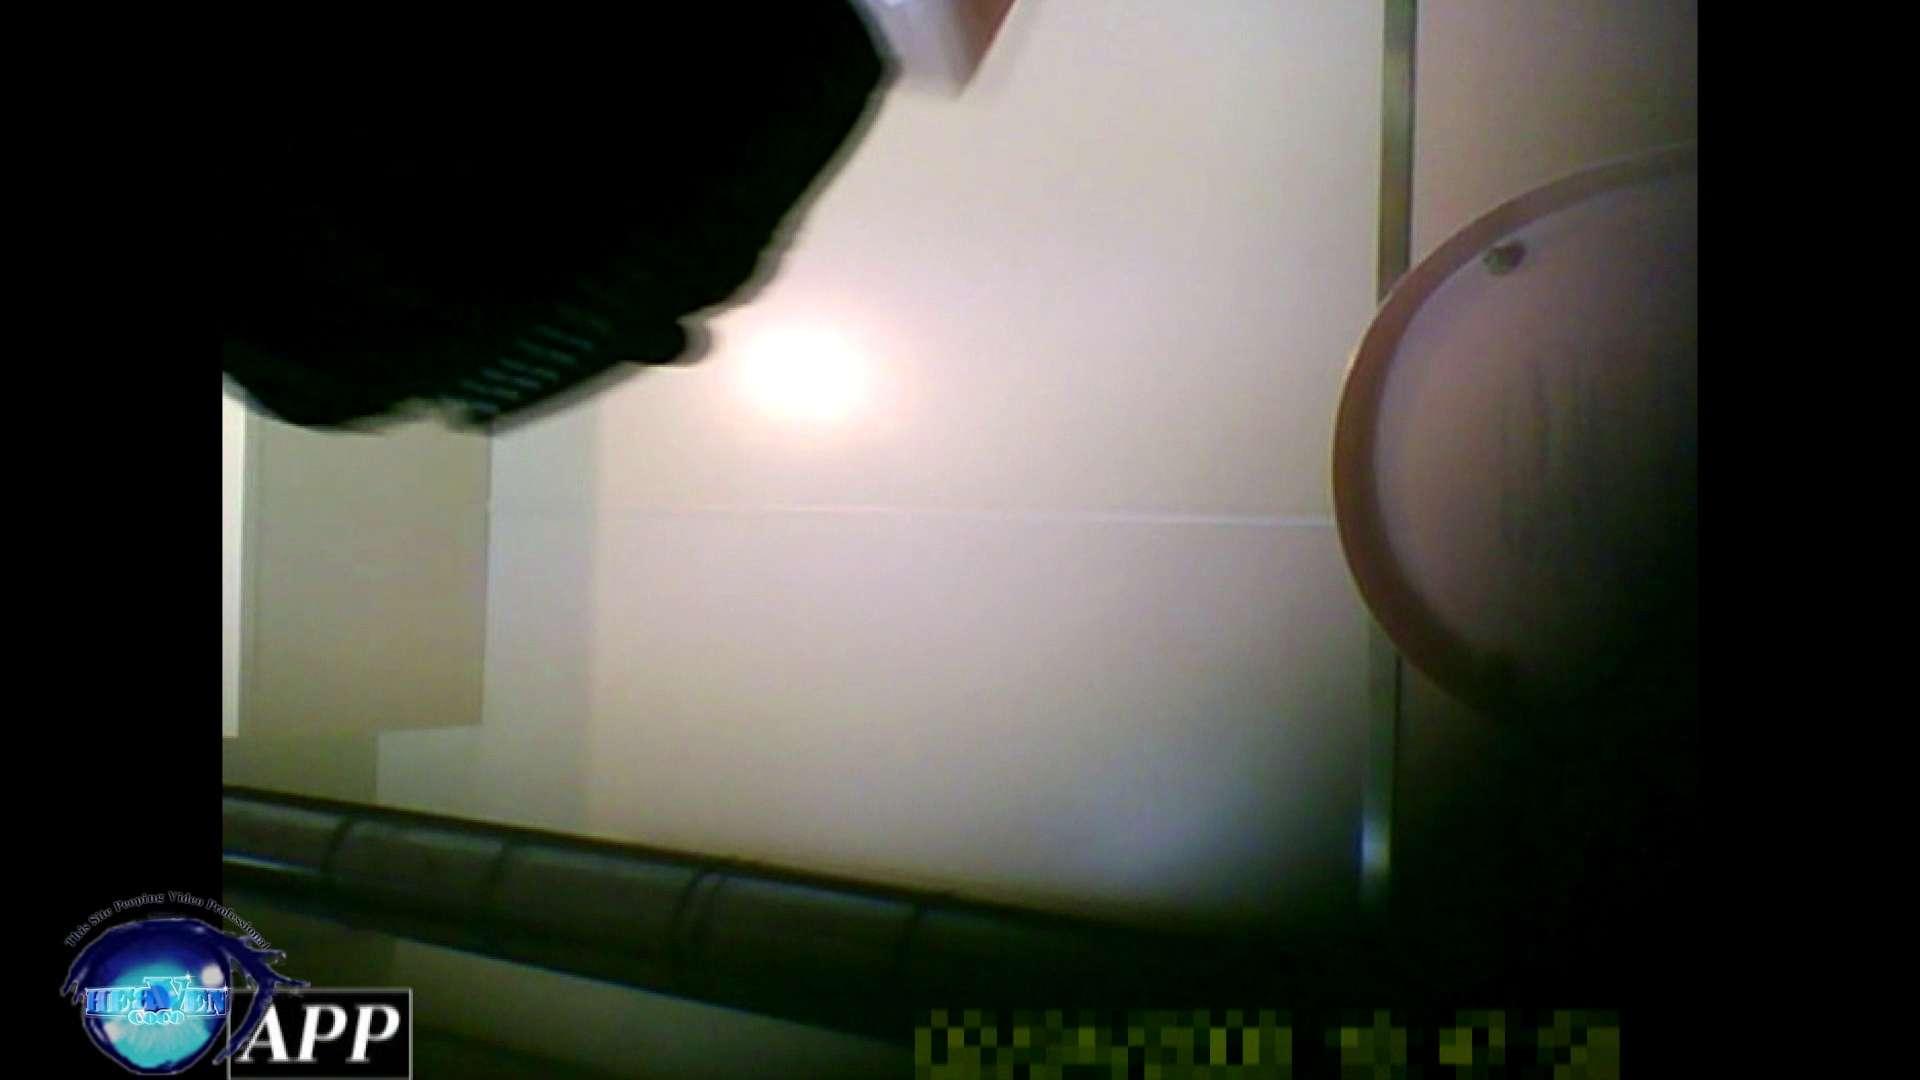 三つ目で盗撮 vol.01 美しいOLの裸体 | マンコ・ムレムレ  103pic 1